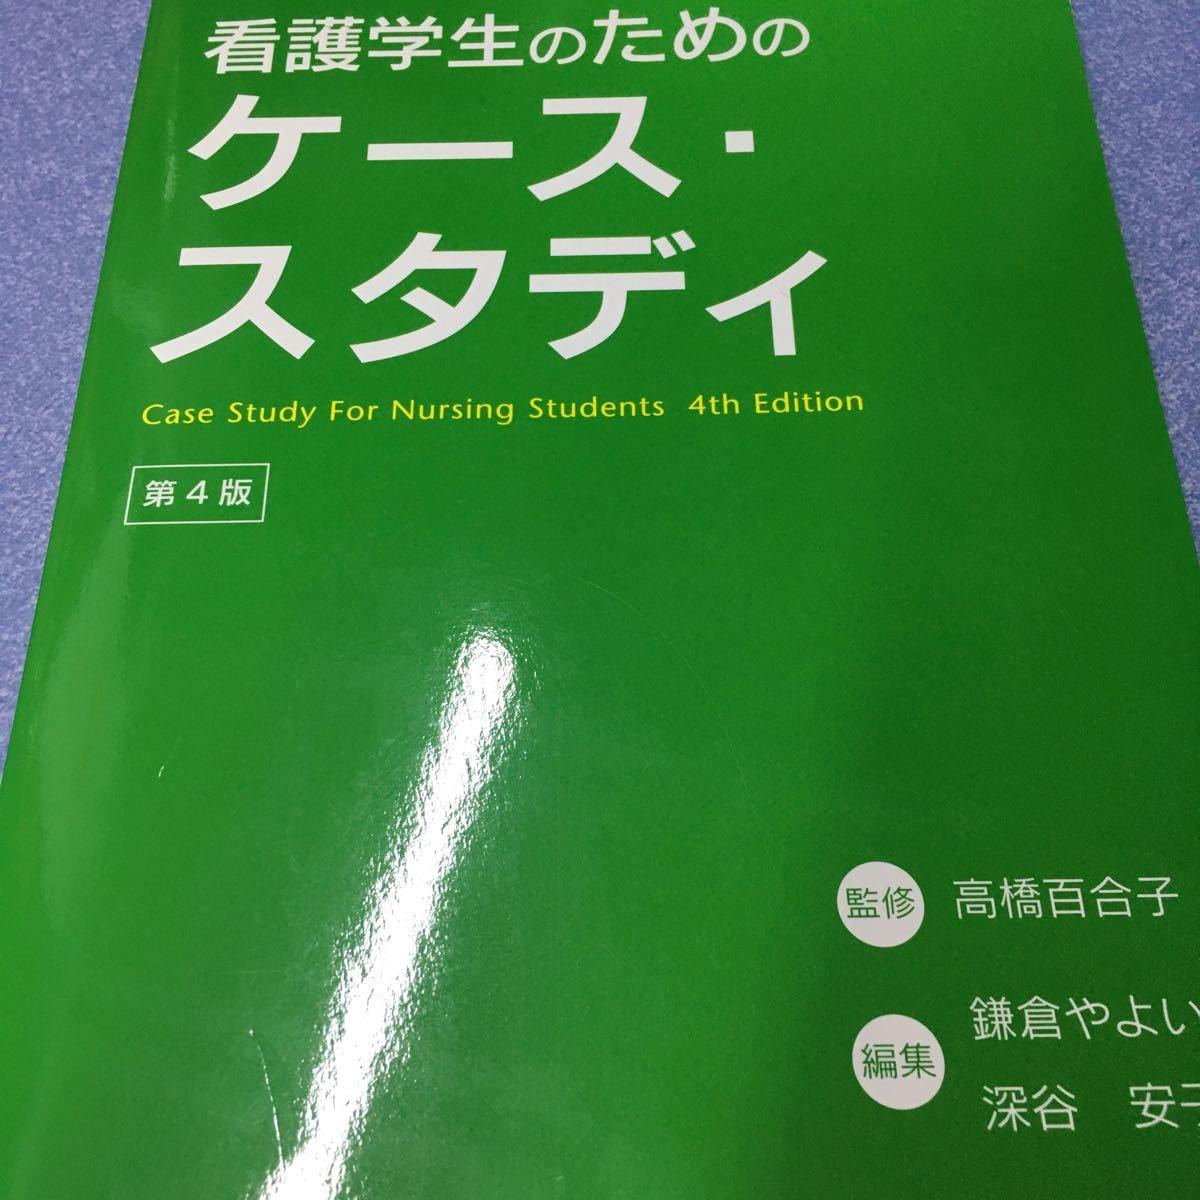 看護学生のためのケーススタディ/高橋百合子 (著者)